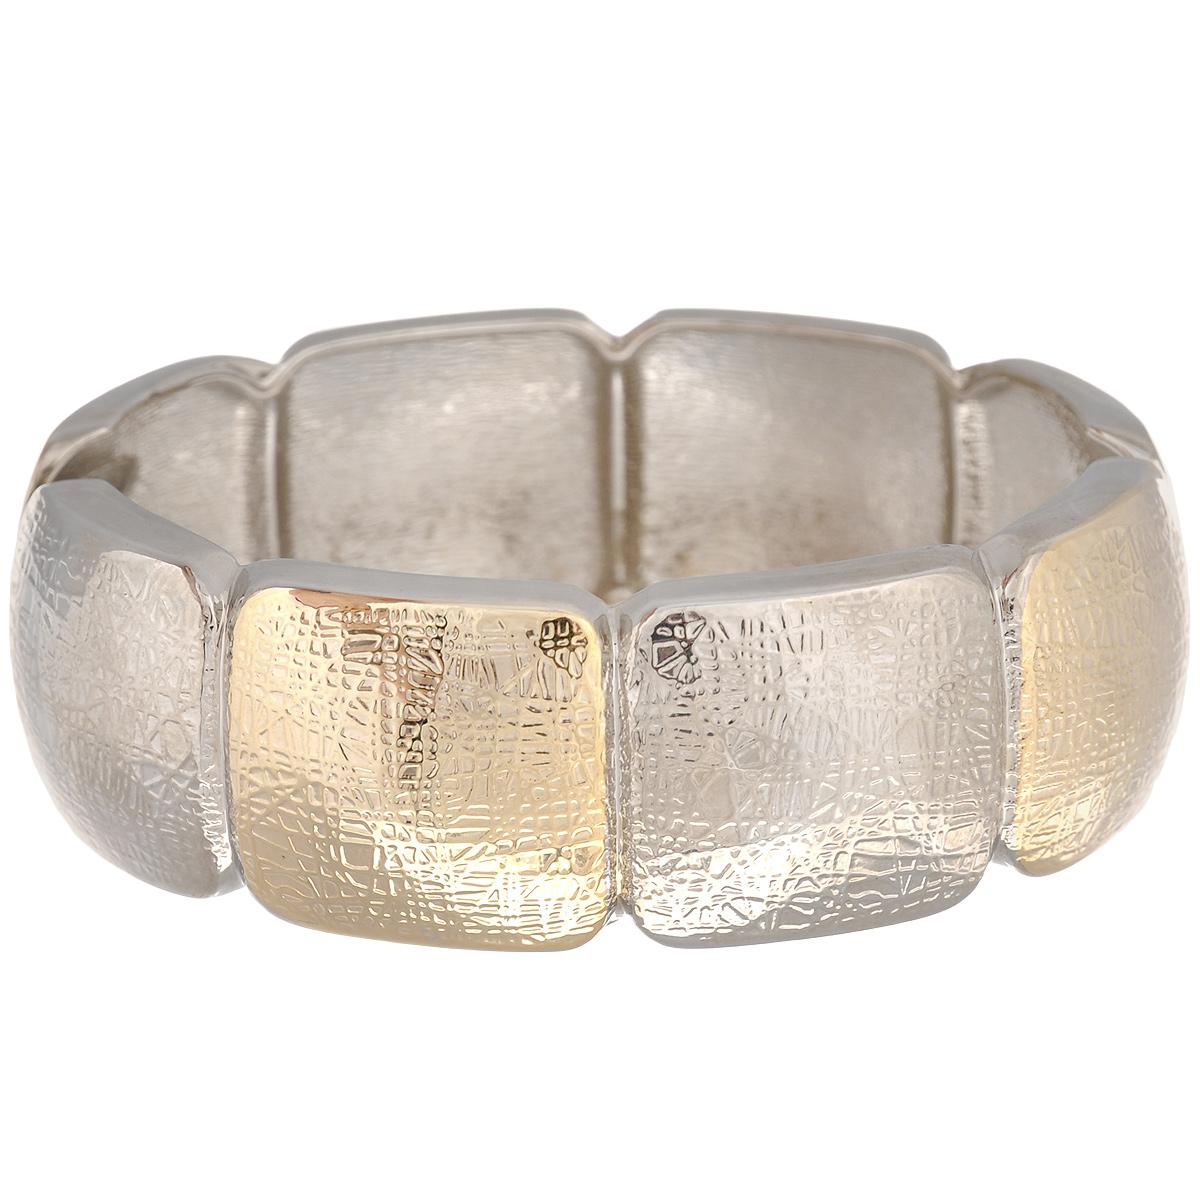 Браслет Taya, цвет: серебристый, золотистый. T-B-7050Браслет с подвескамиСтильный женский браслет Taya, выполненный из металла, оформлен рельефным узором. Застегивается изделие на шарнирный замок.С таким модным ярким аксессуаром вы сможете каждый день экспериментировать со своим образом, привнося в него новые краски и настроение.